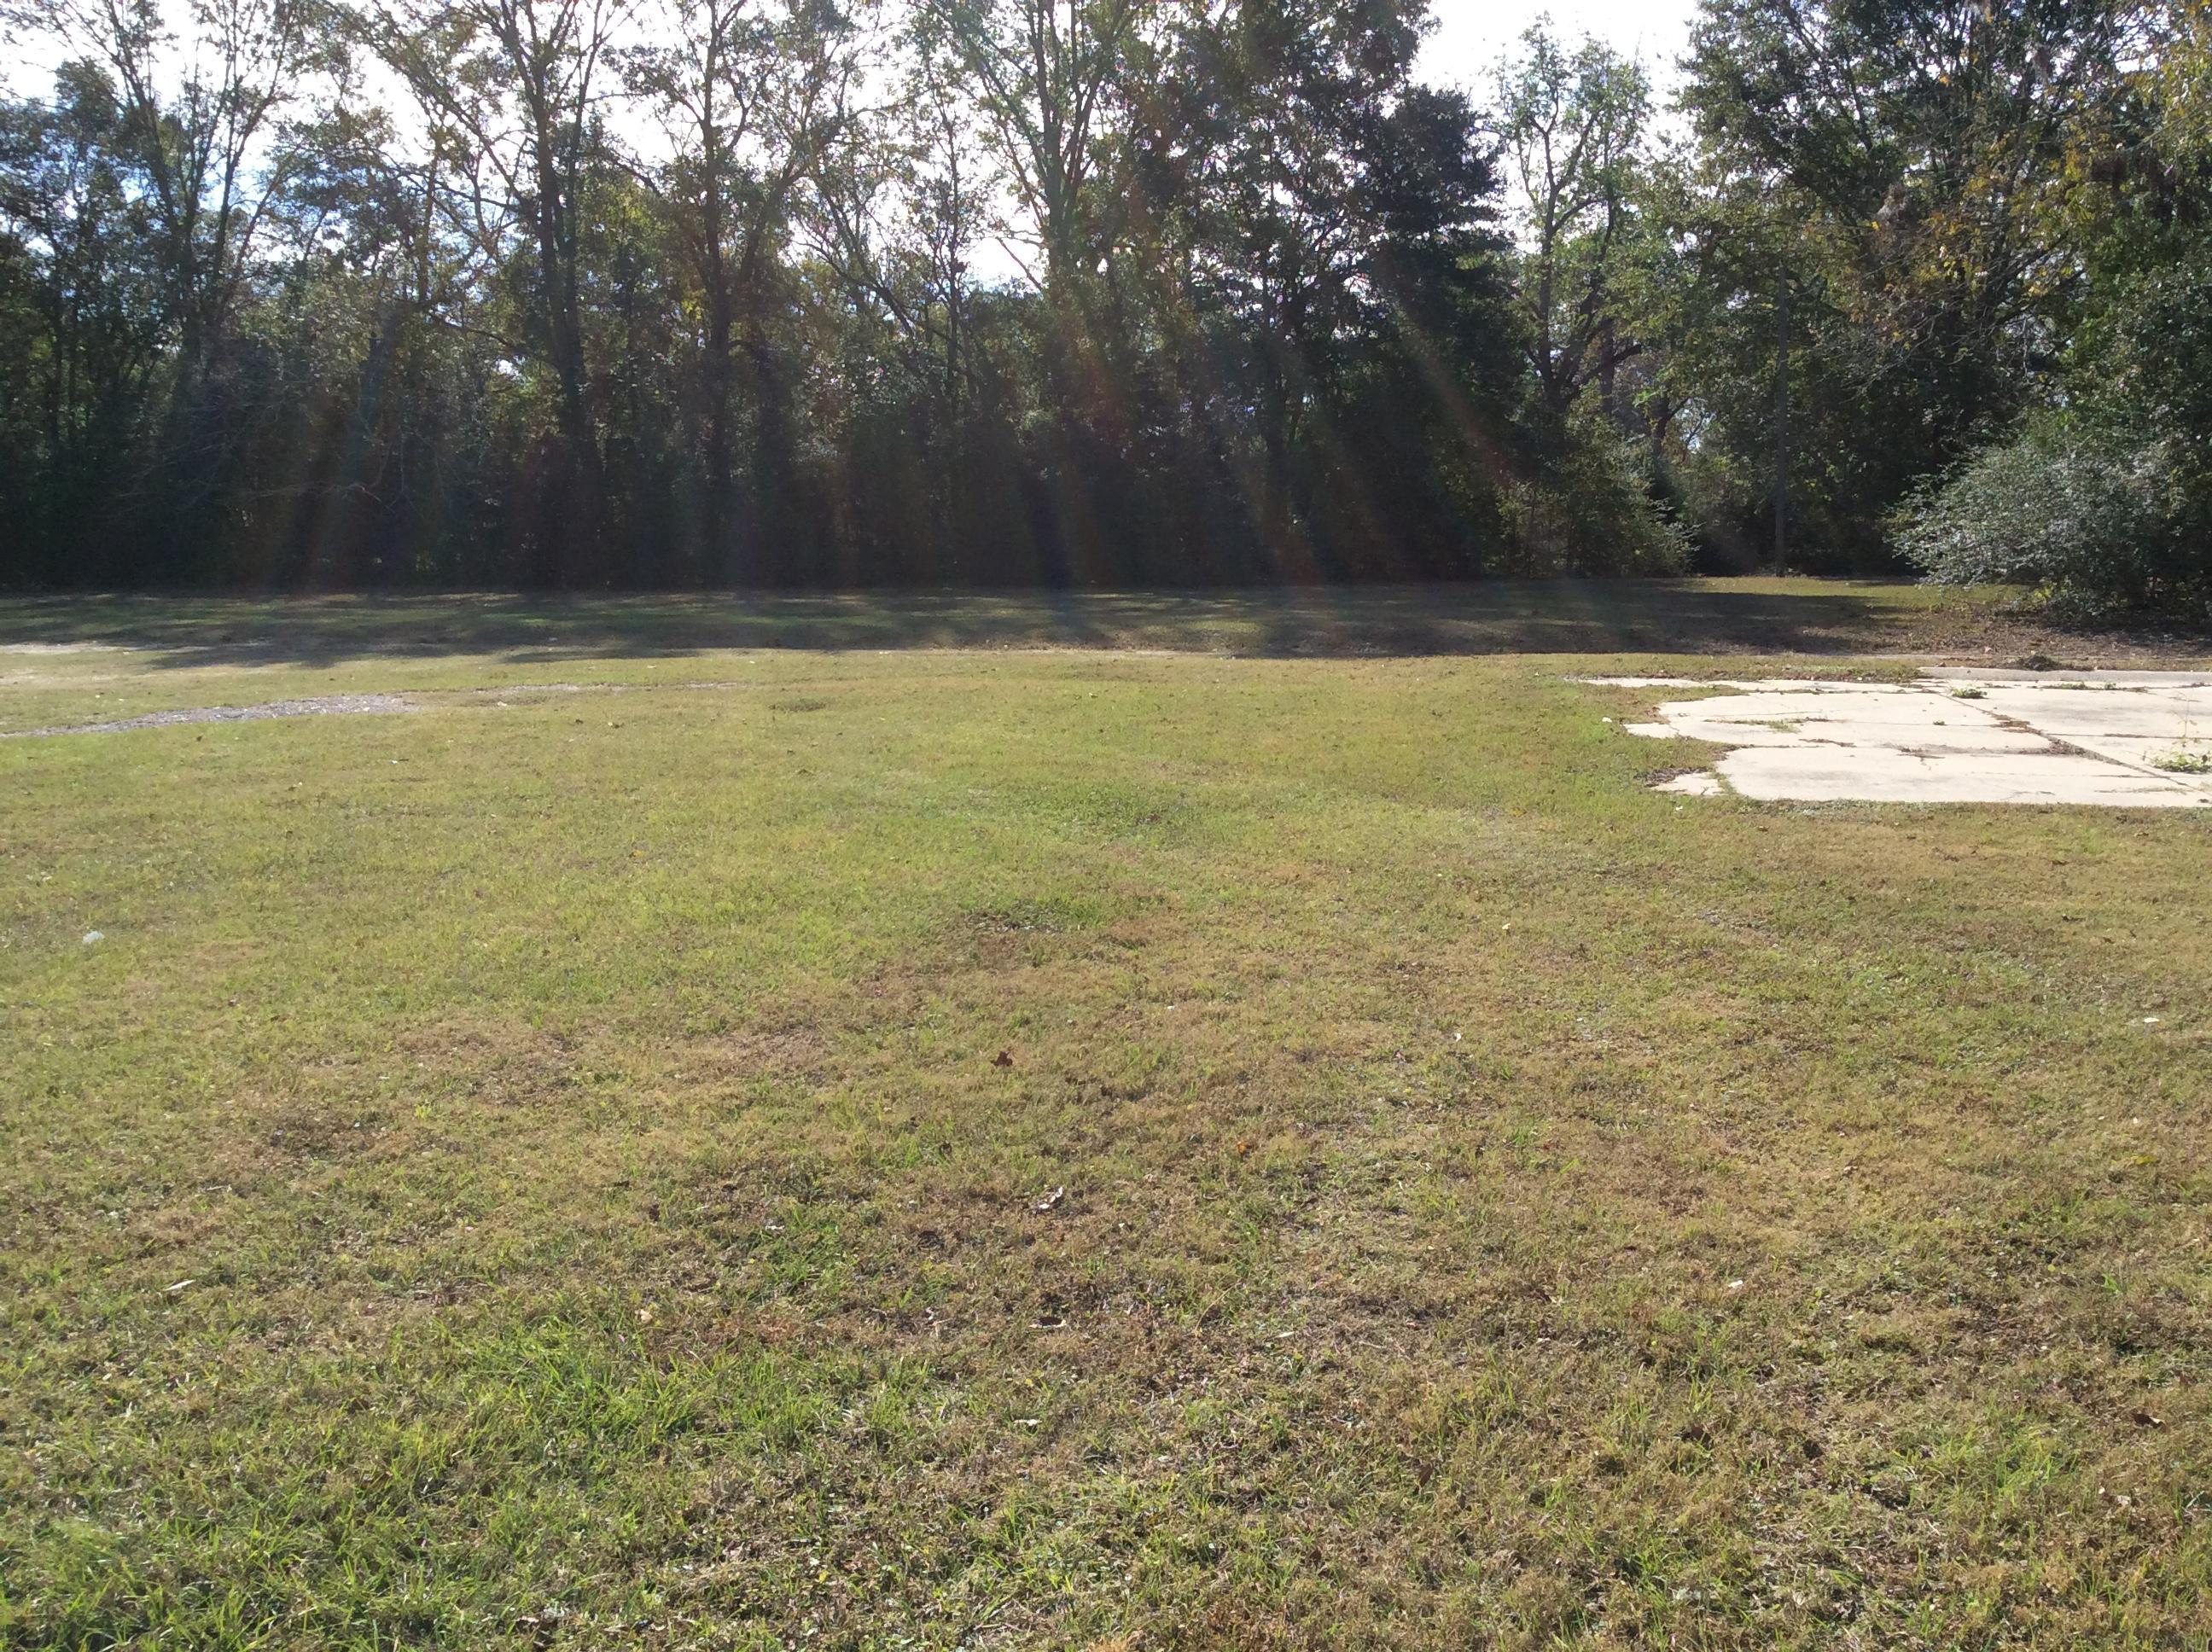 DeRidder land for sale,  322 EAST FIRST ST, DeRidder LA - $165,000